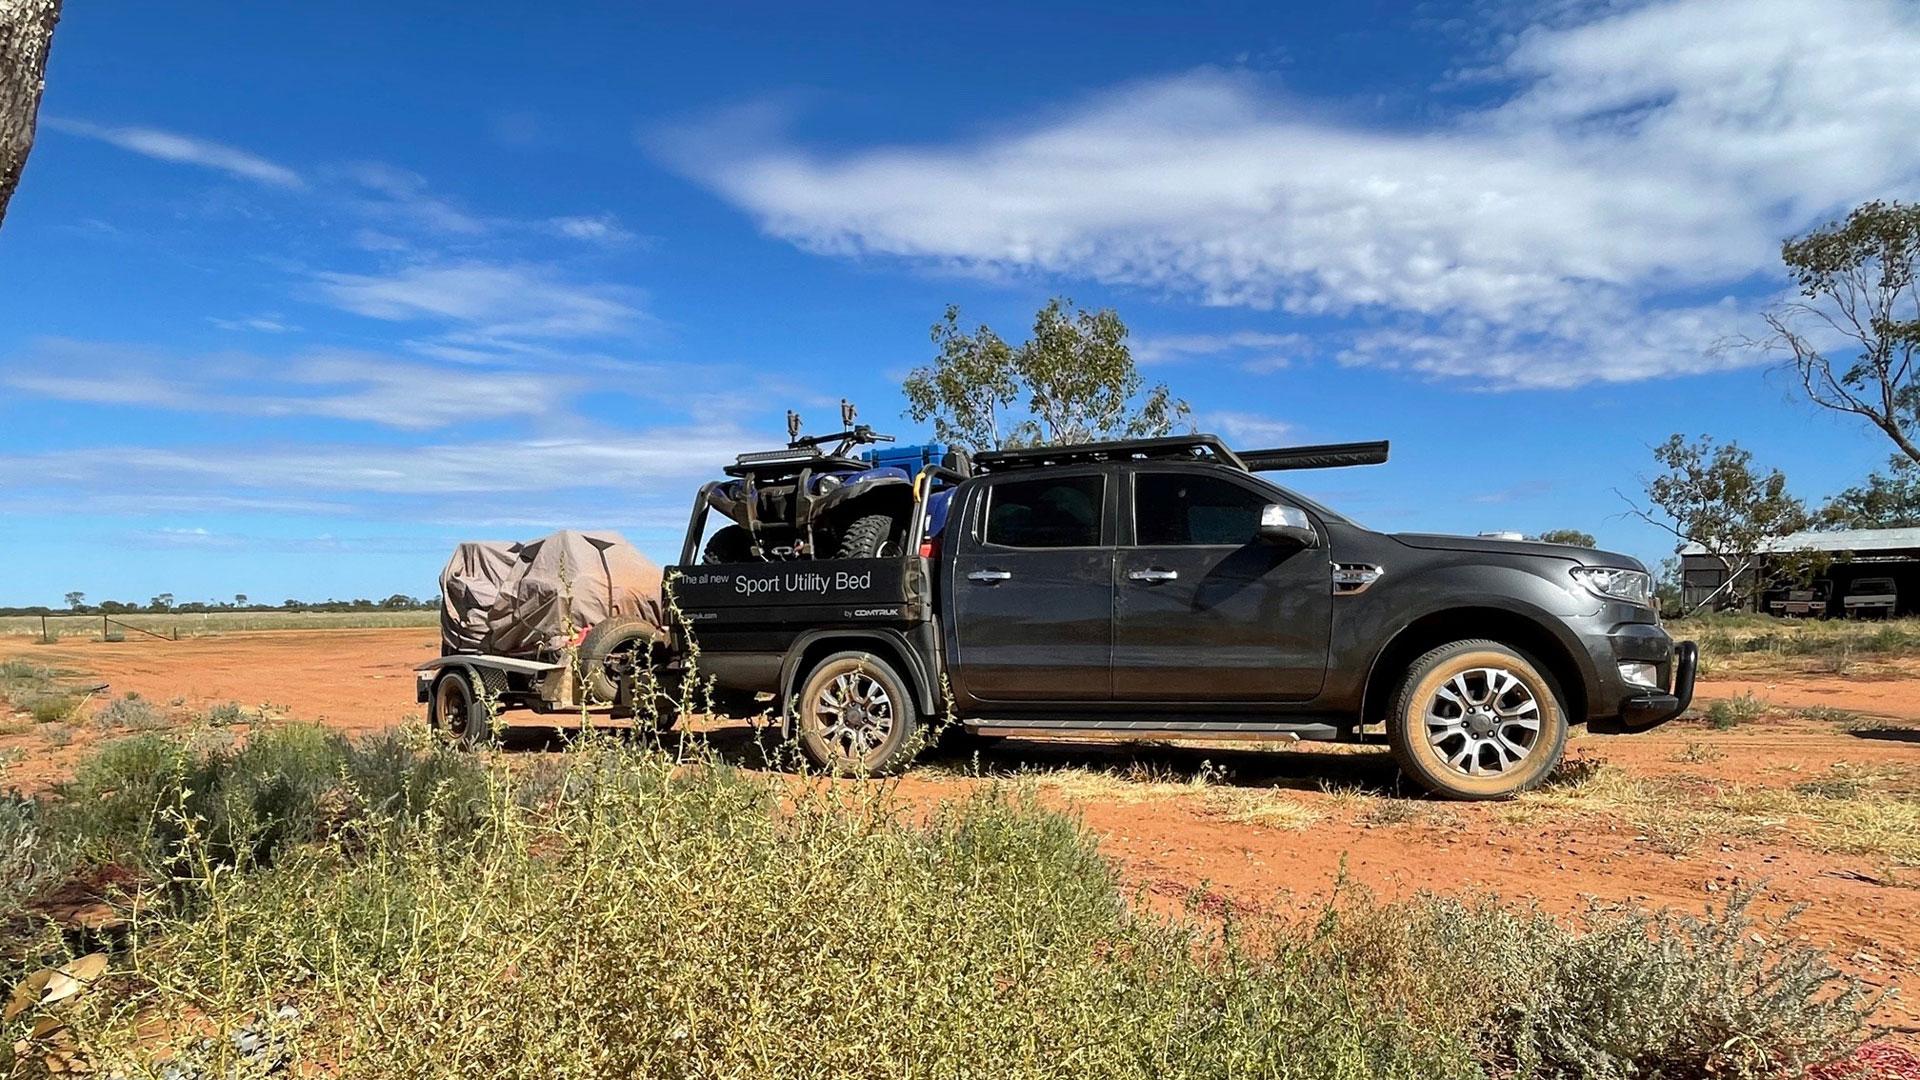 SUB alloy tray hauling an ATV